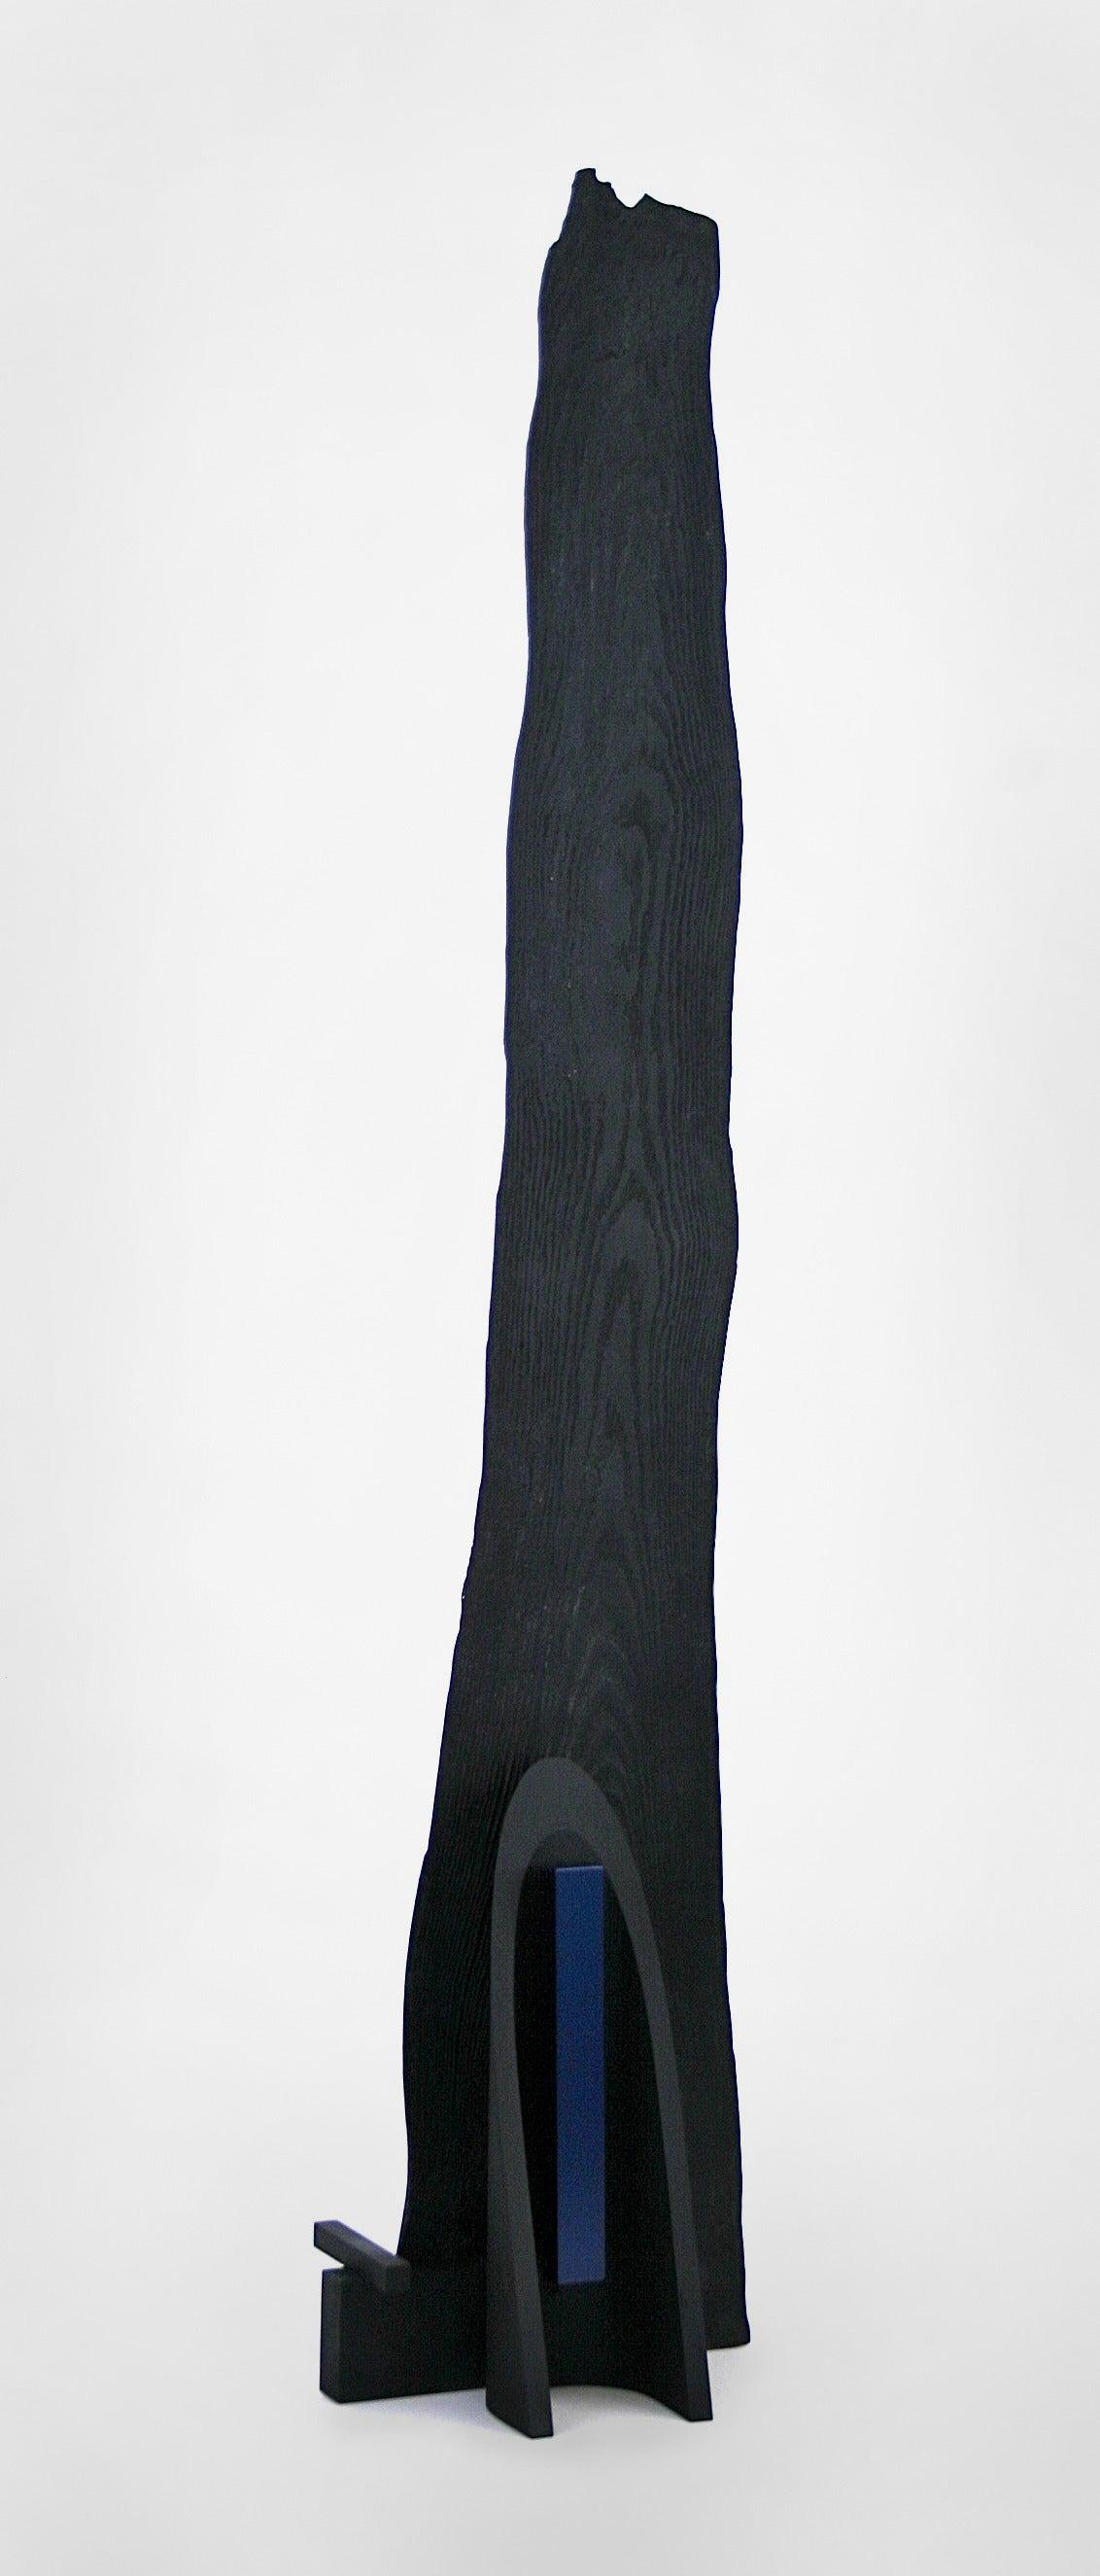 Refuge - Sculpture by Edward Falkenberg